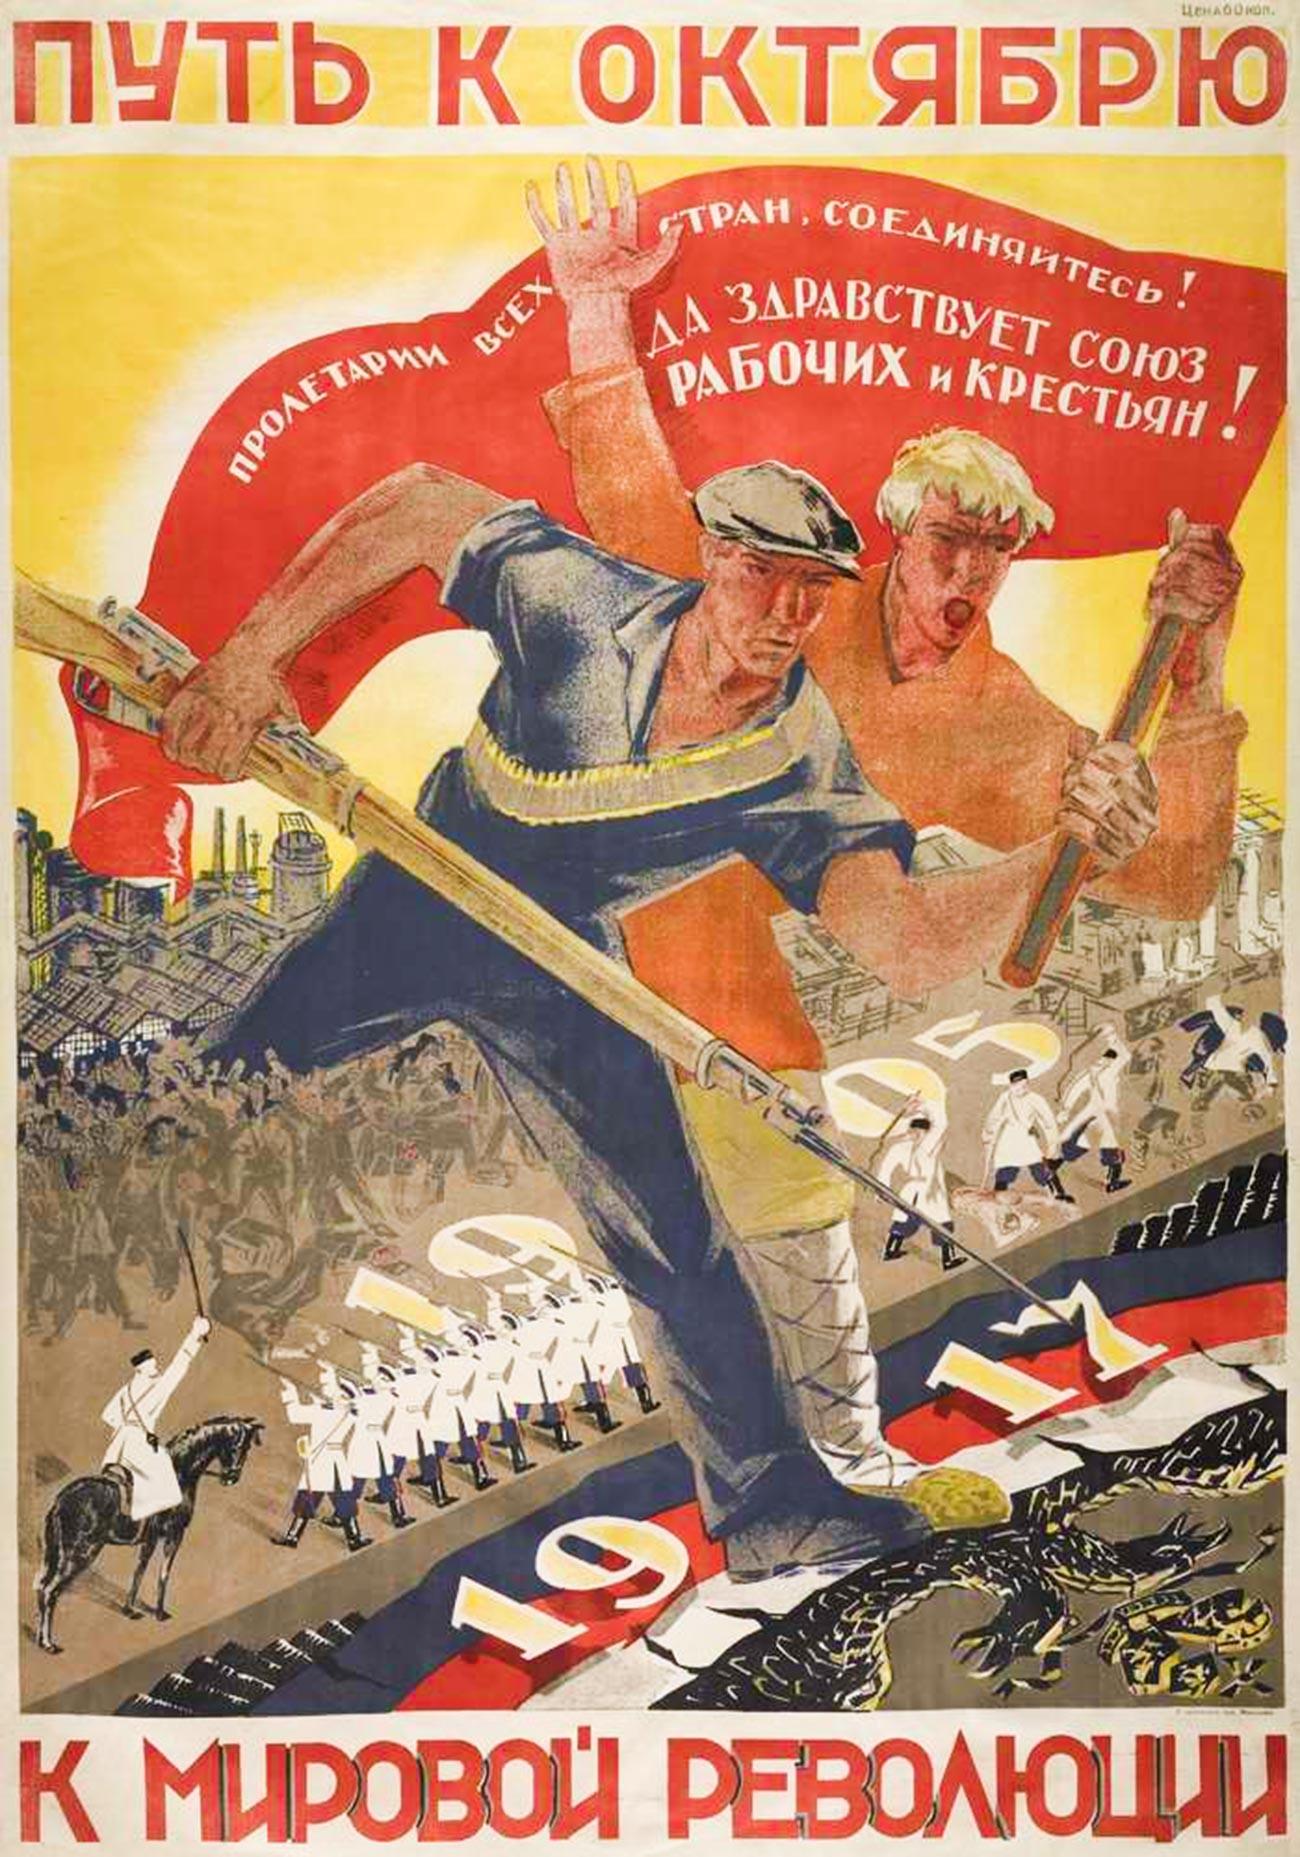 La voie vers octobre [référence à la Révolution russe d'Octobre]. Prolétaires de tous les pays, unissez-vous ! Vive l'union des ouvriers et paysans. Vers la révolution mondiale.